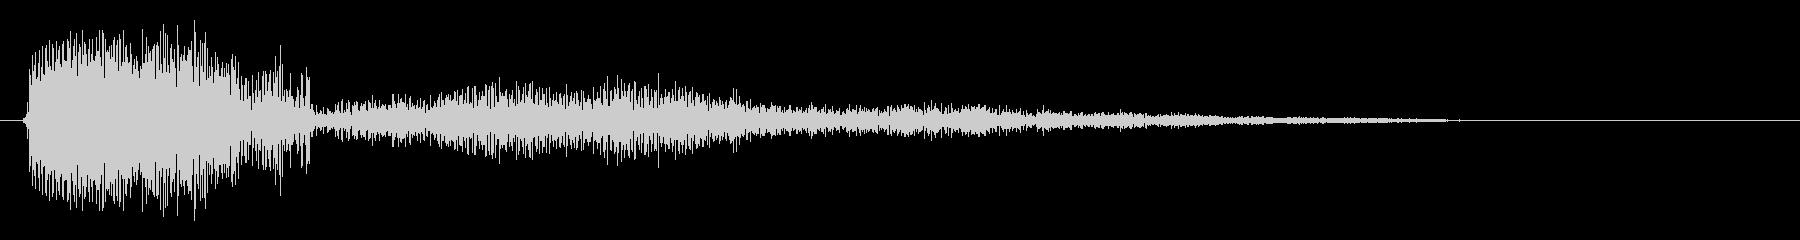 マウスオーバーの効果音の未再生の波形